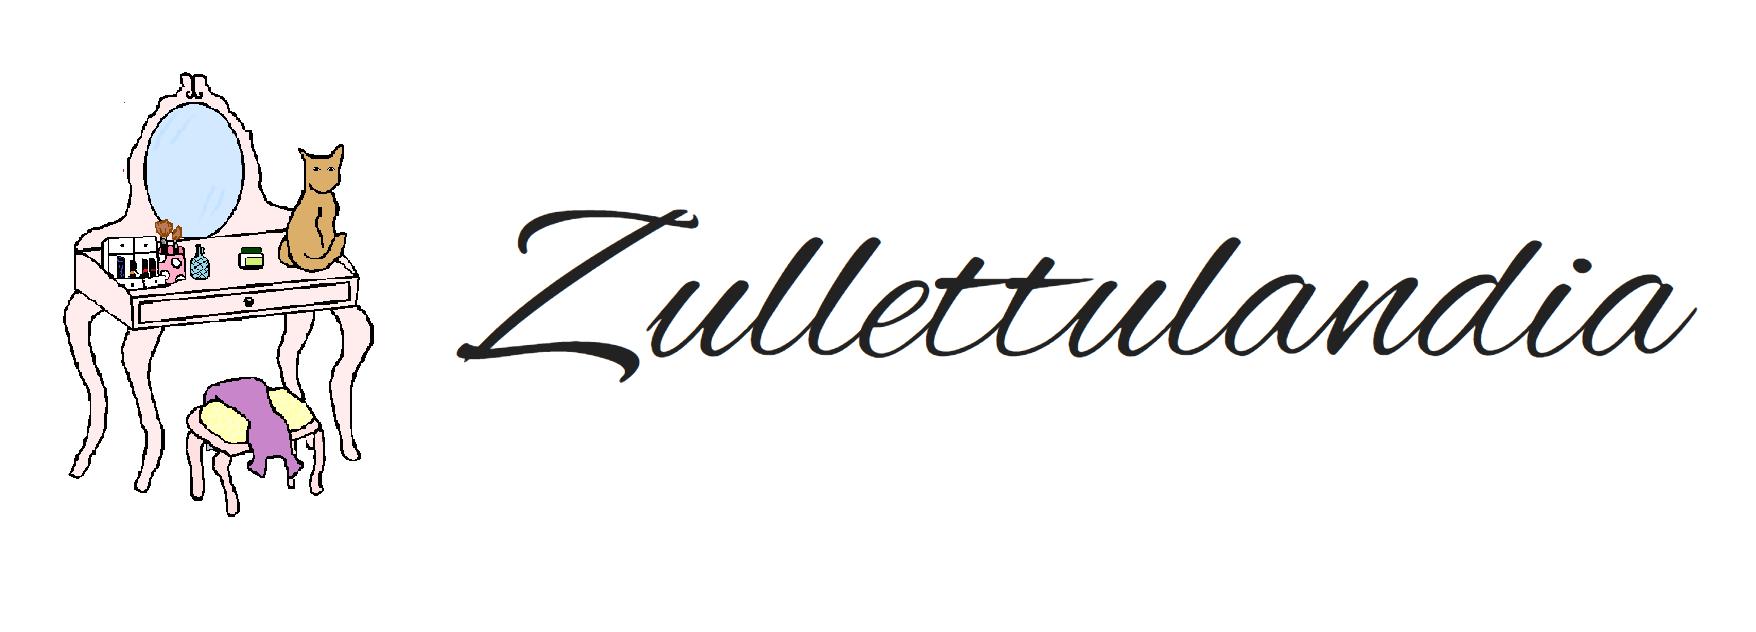 Zullettulandia